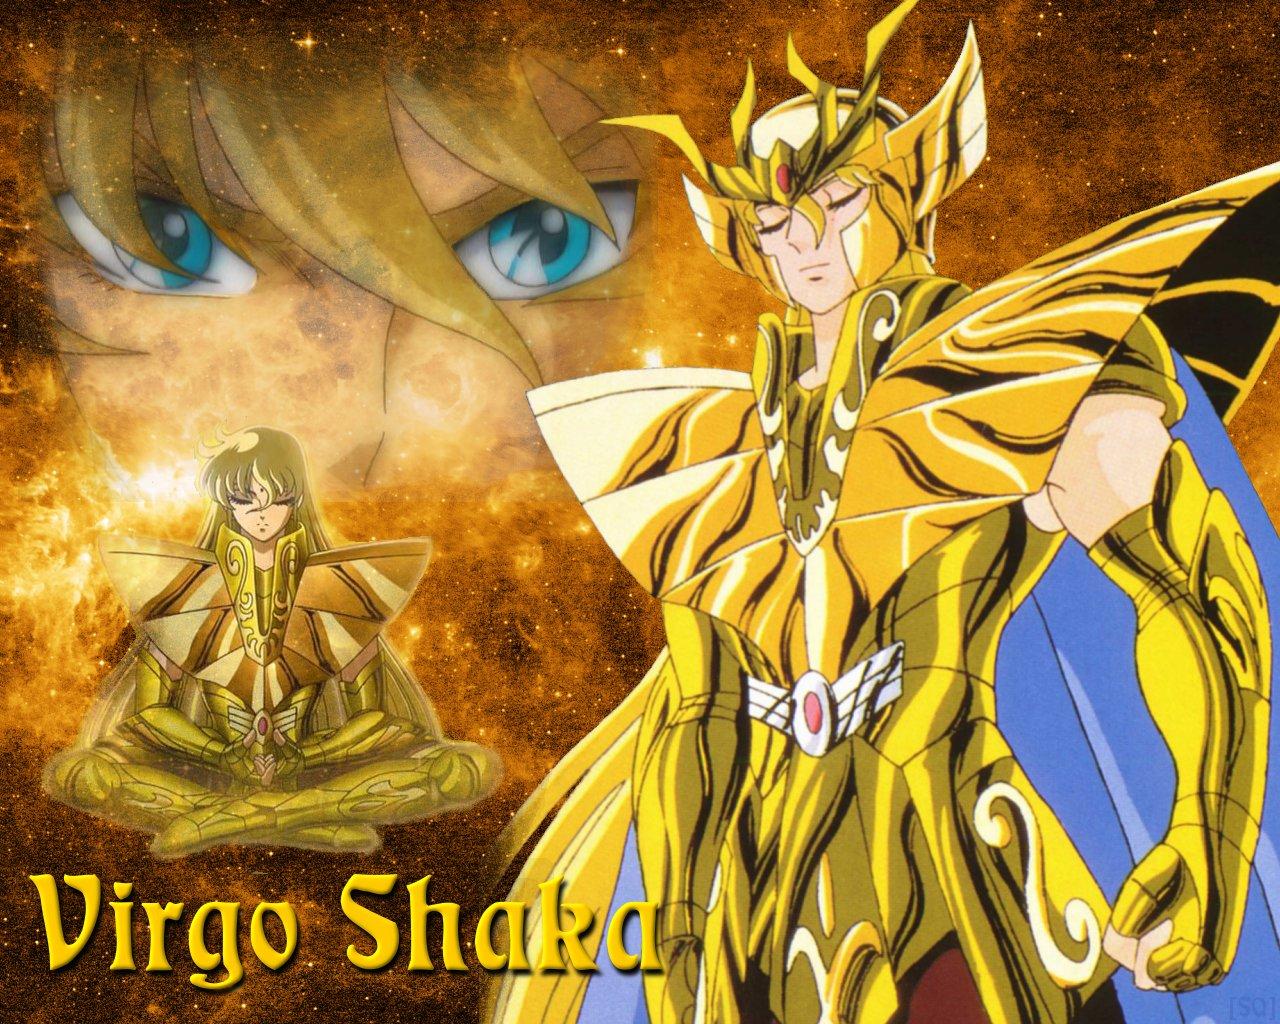 wallpaper shaka de virgo wallpaper hd